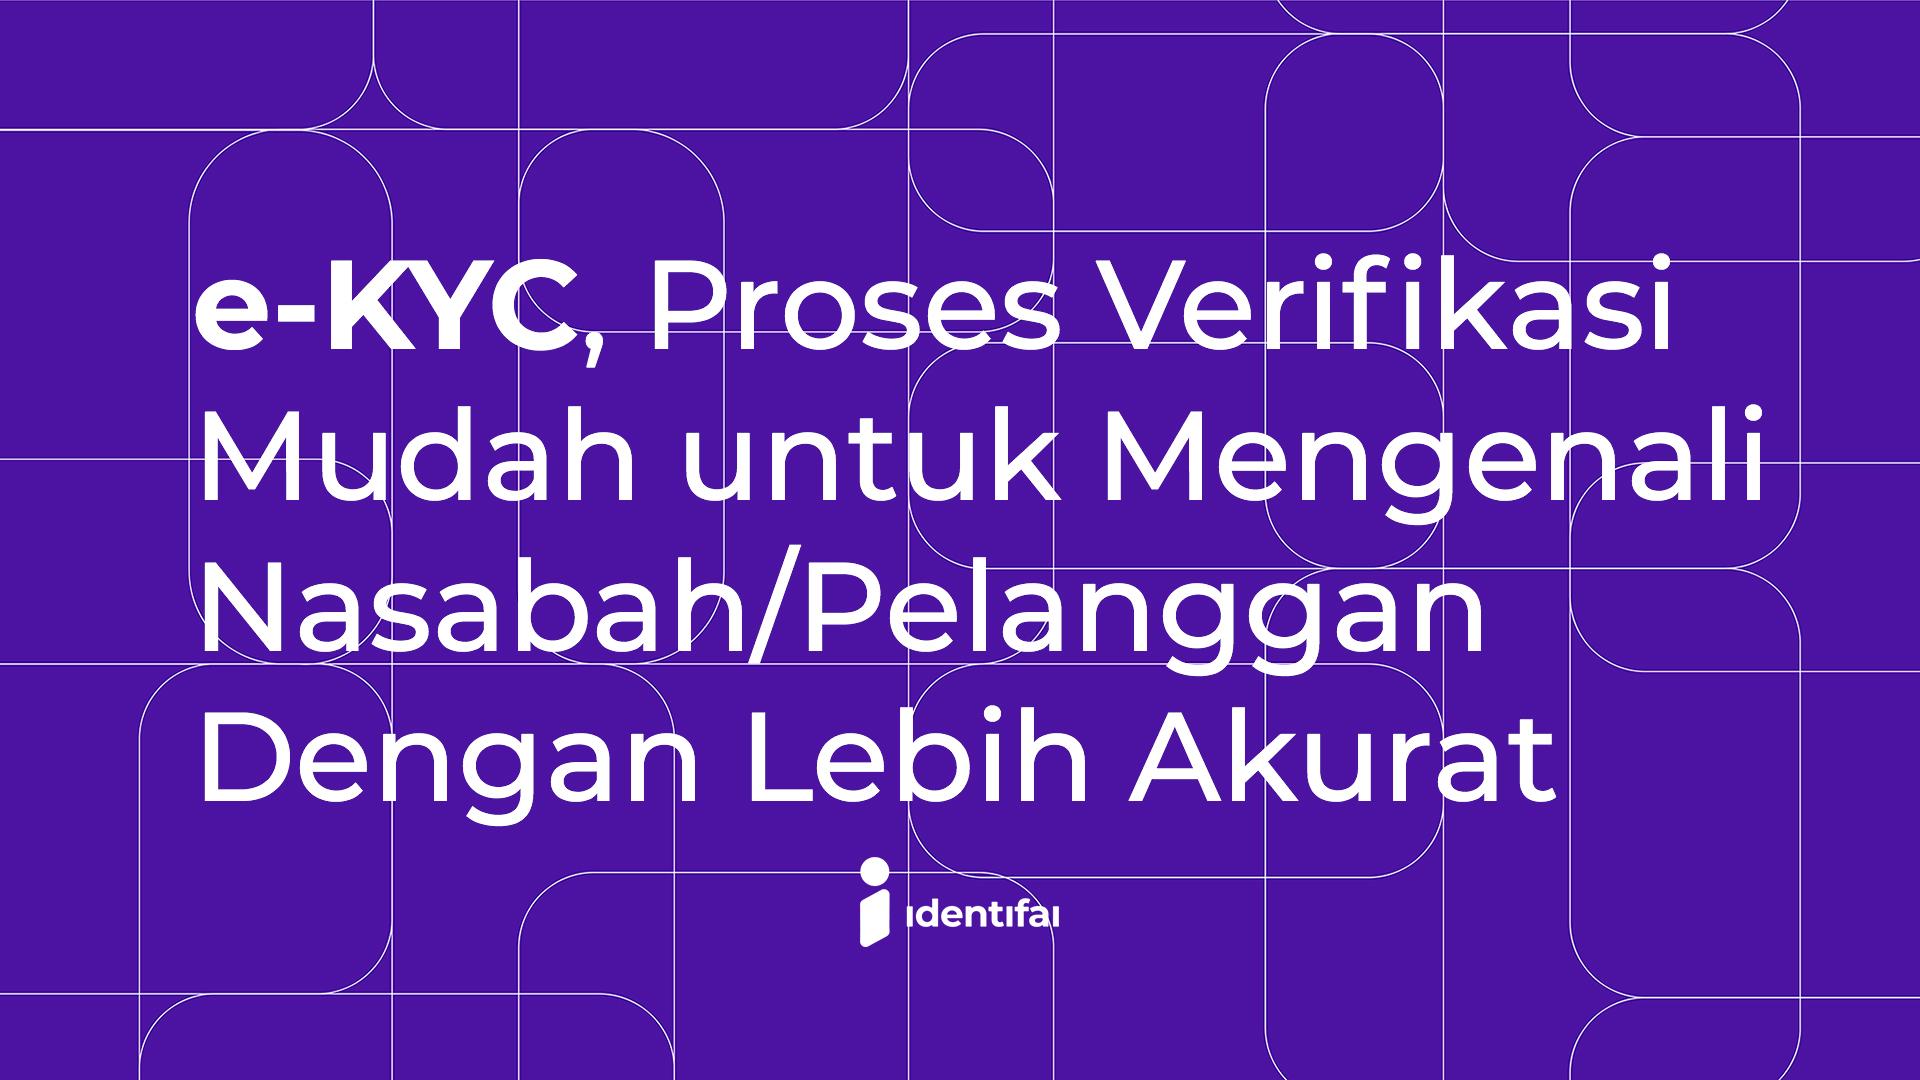 e-KYC, Proses Verifikasi Mudah untuk Mengenali Nasabah/Pelanggan Dengan Lebih Akurat